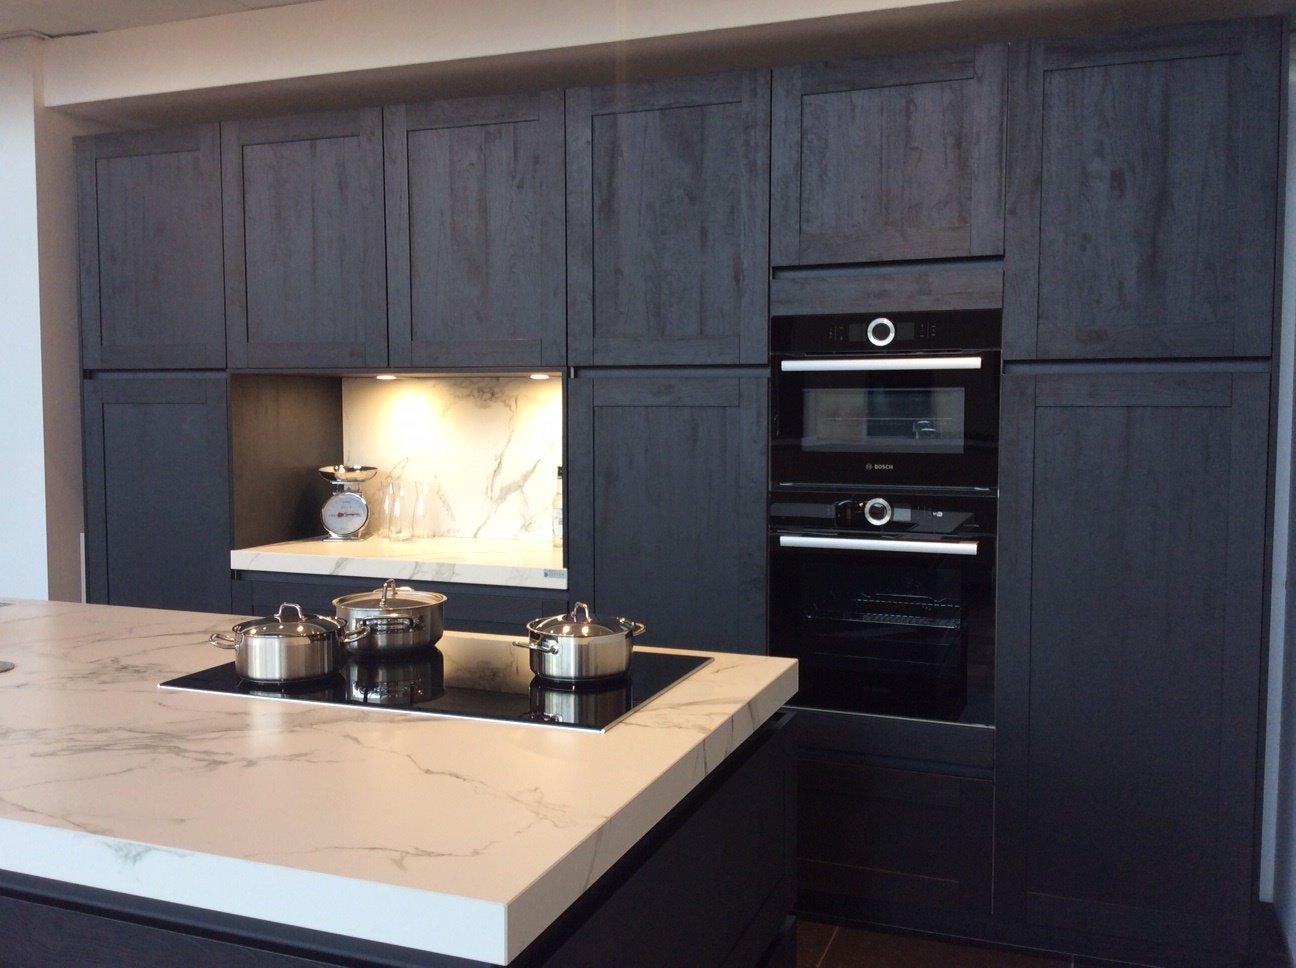 keuken » keukenvloer zwart wit - galerij foto's van binnenlandse, Deco ideeën